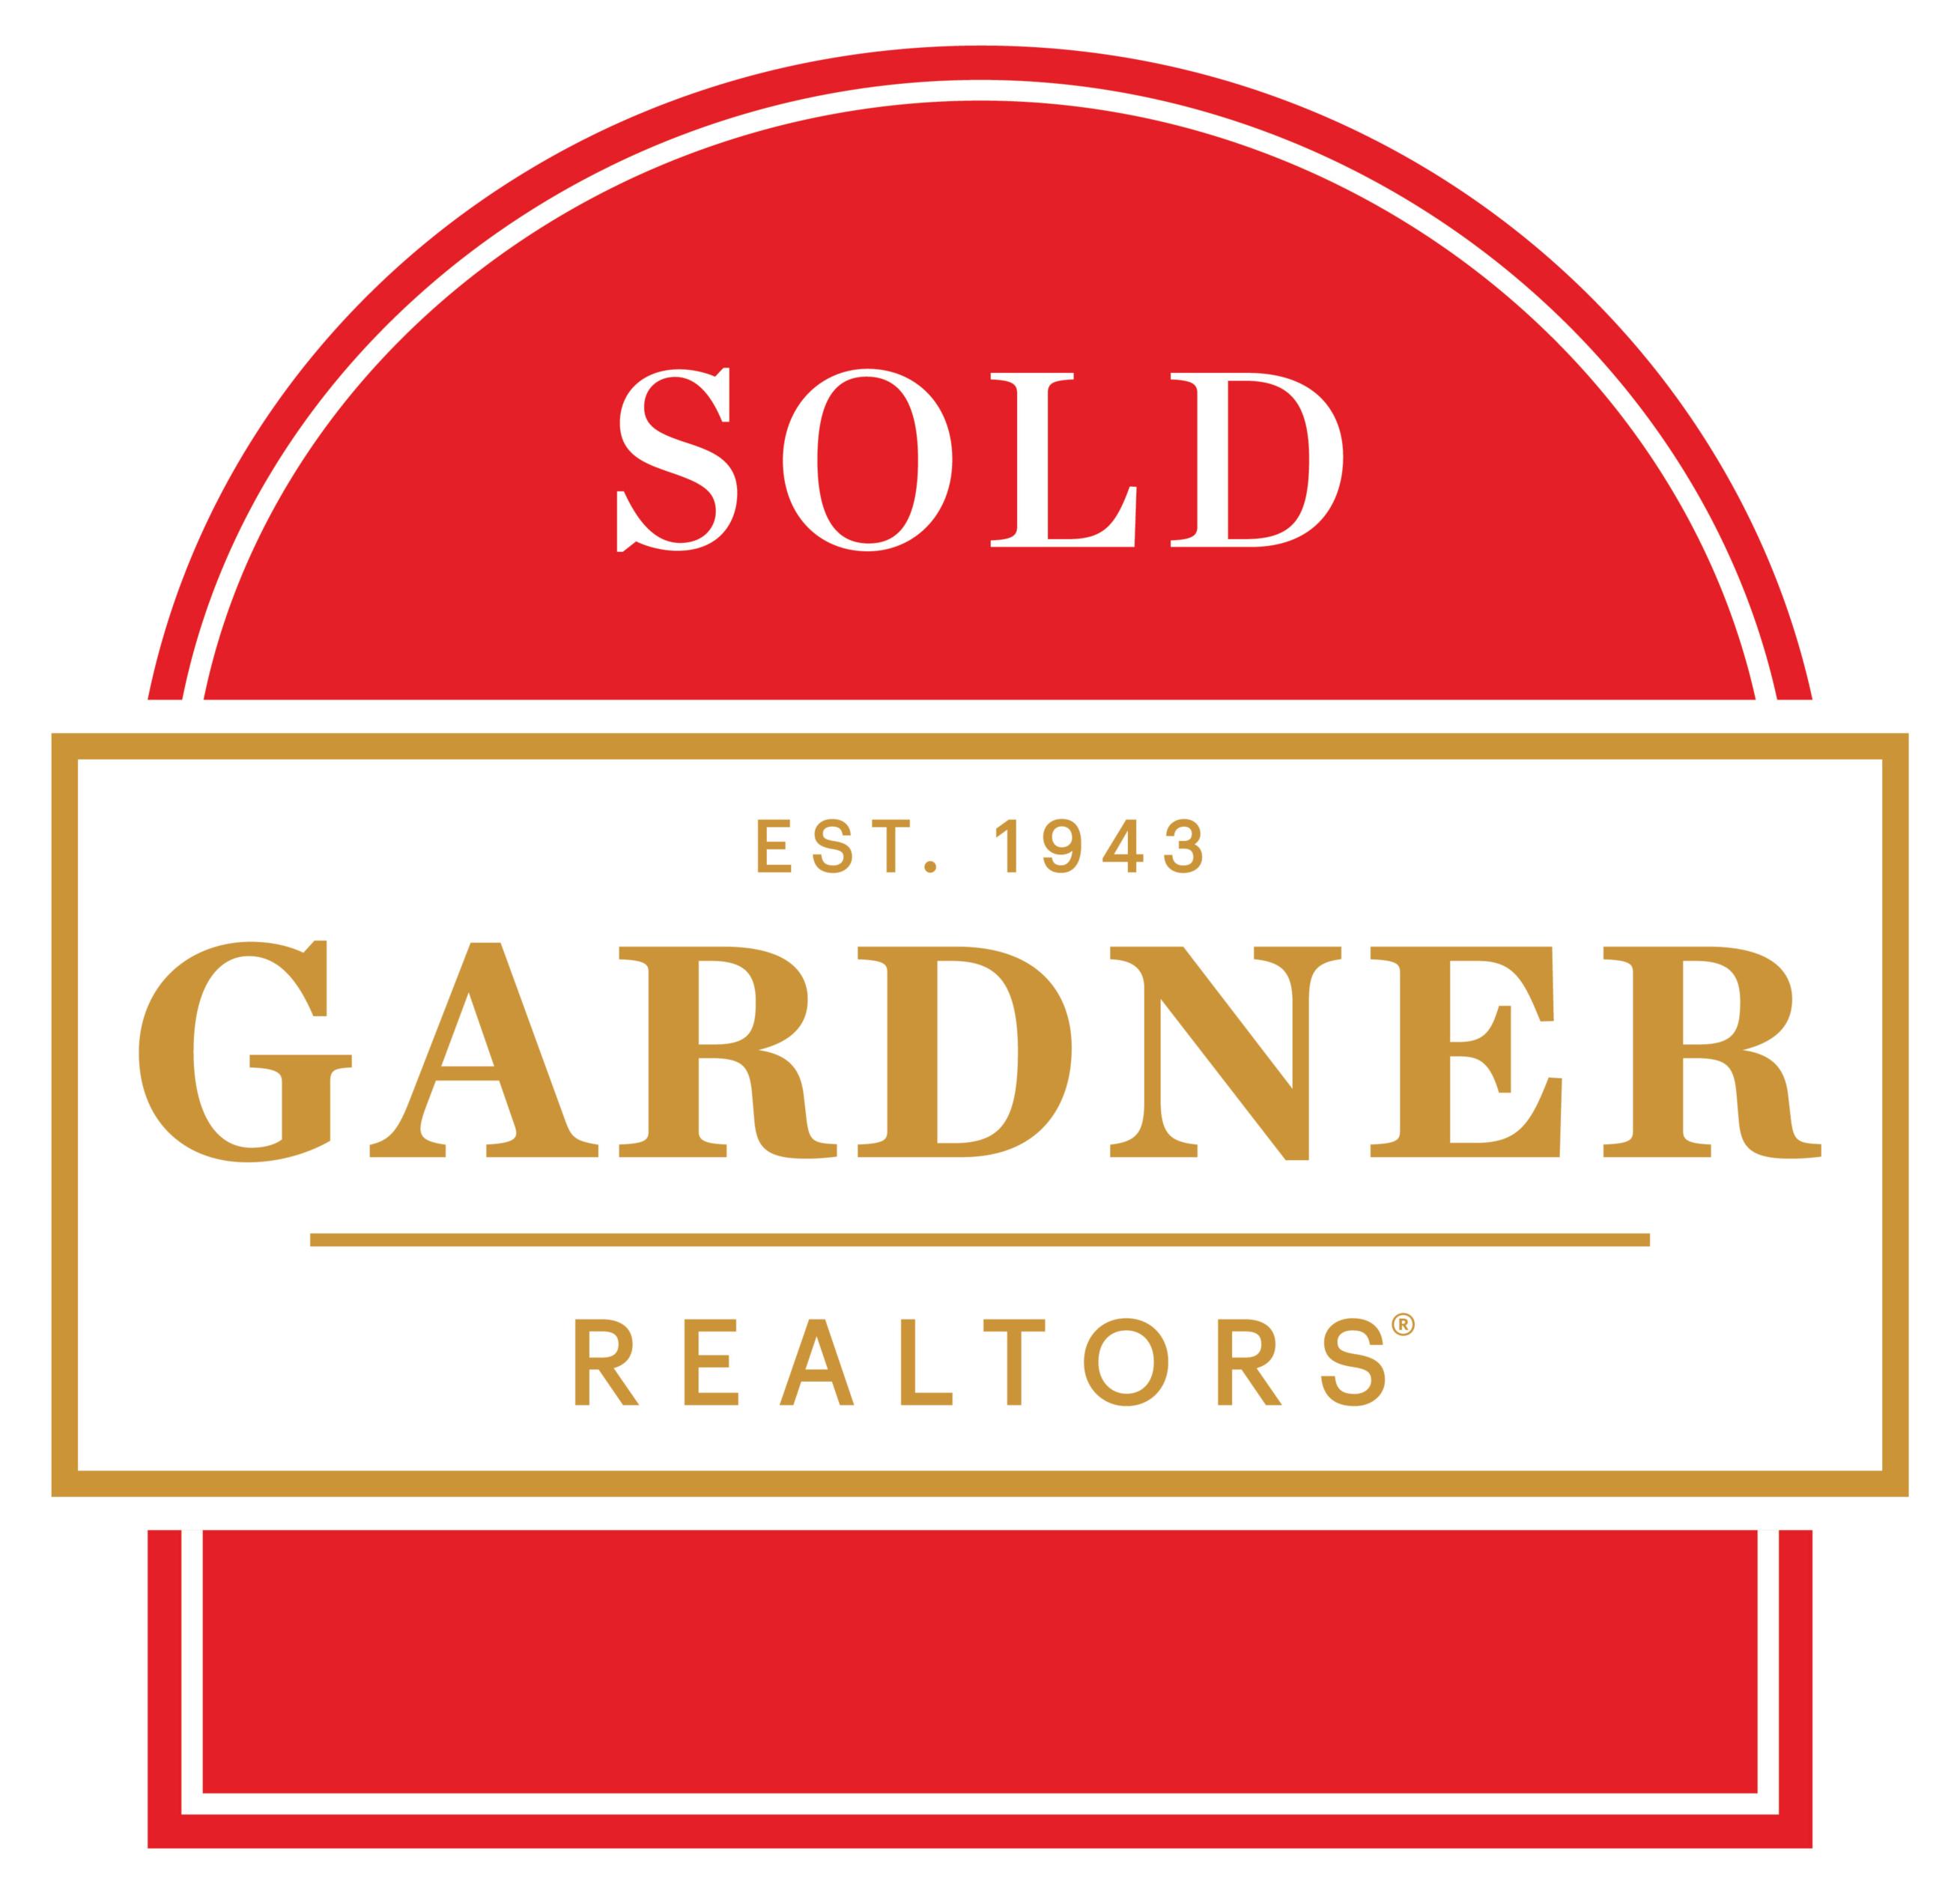 GARDNER, REALTORS logo